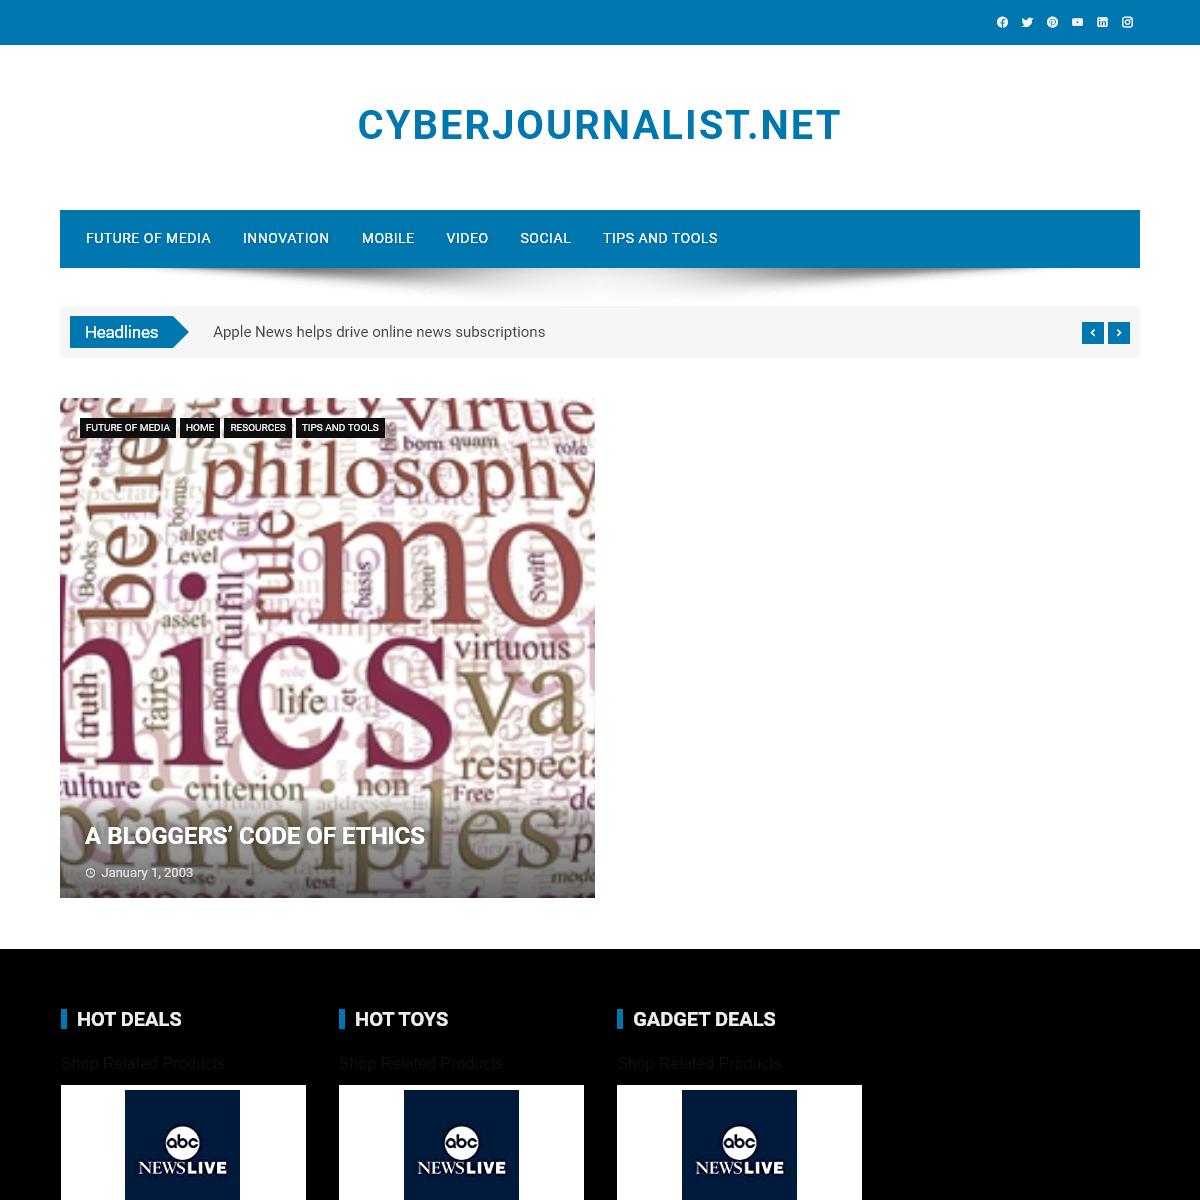 Home - CyberJournalist.net